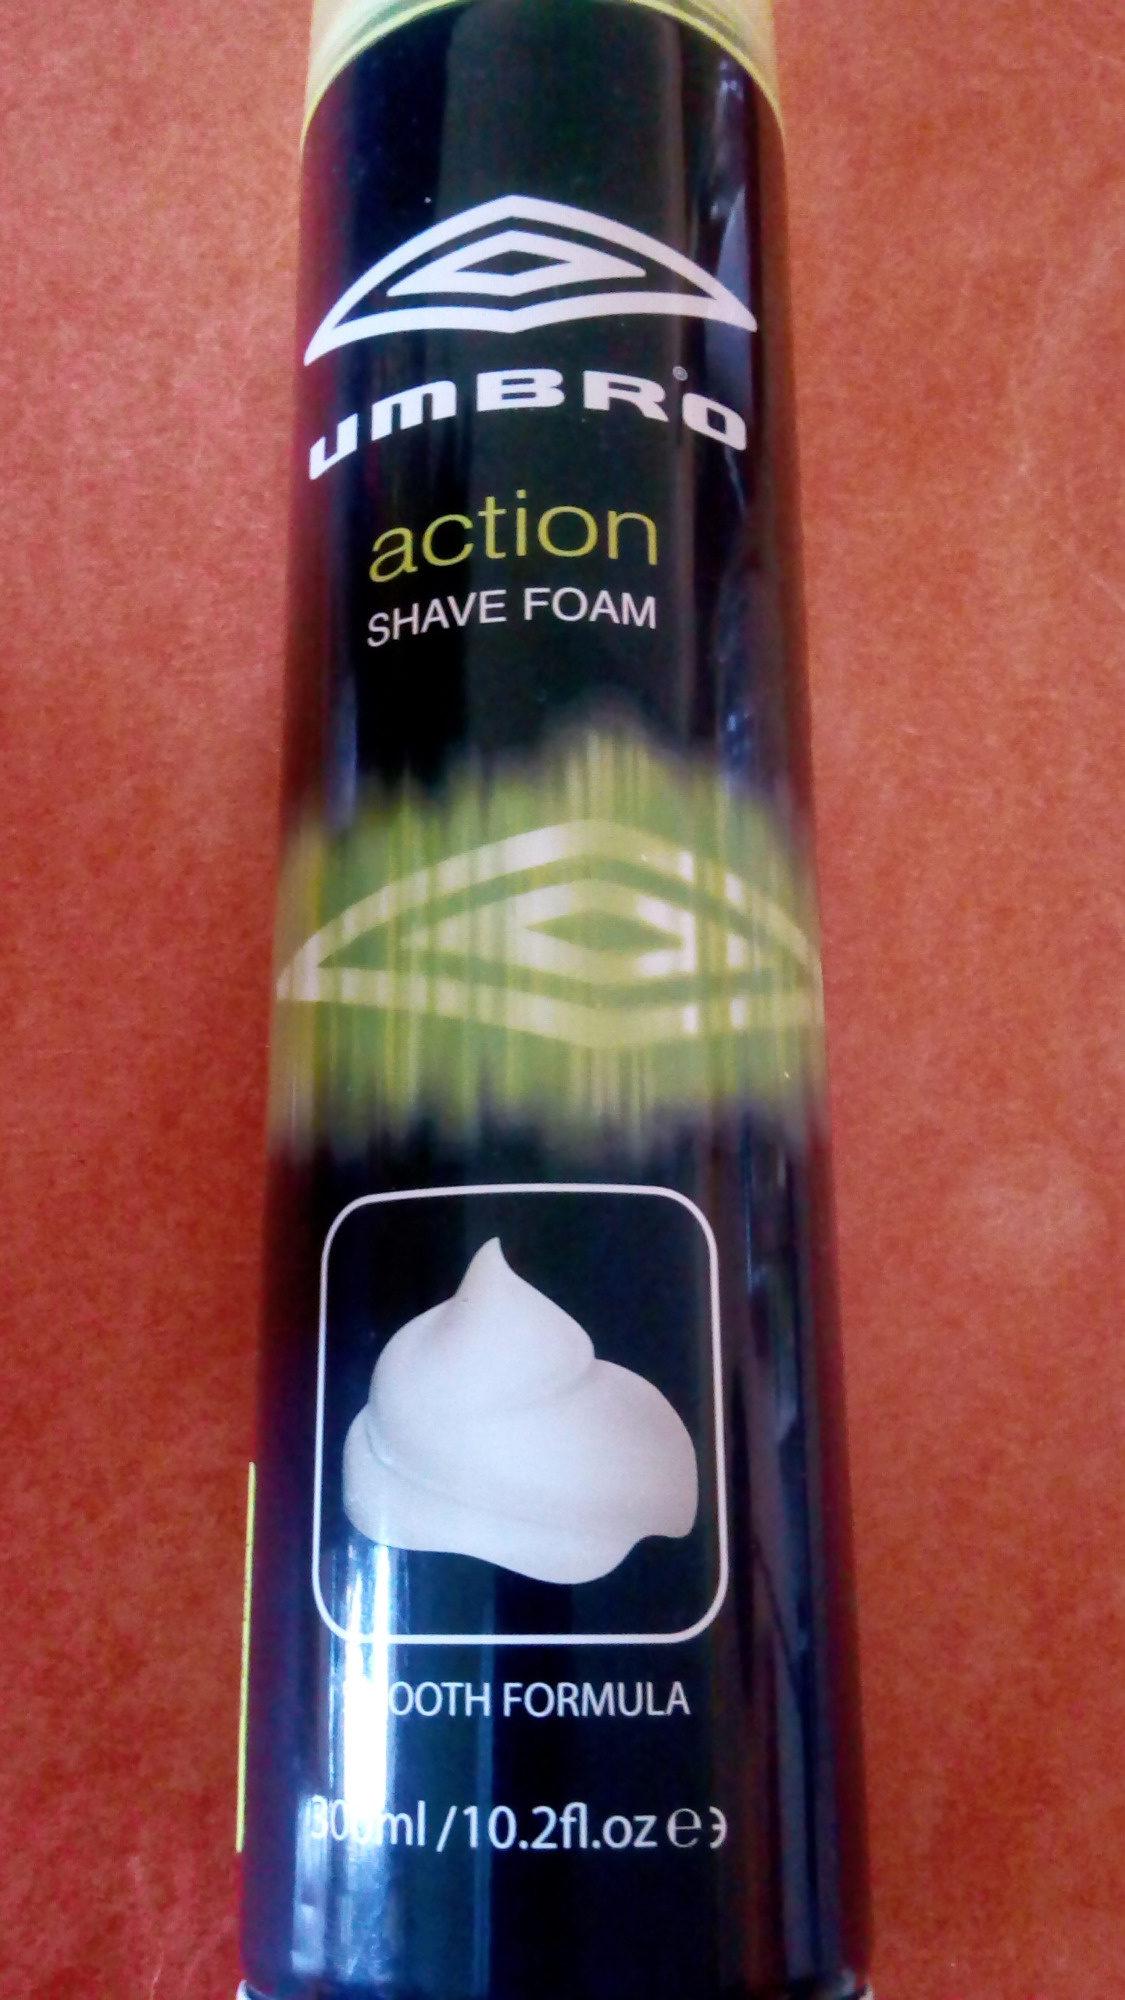 Action Shave Foam - Produit